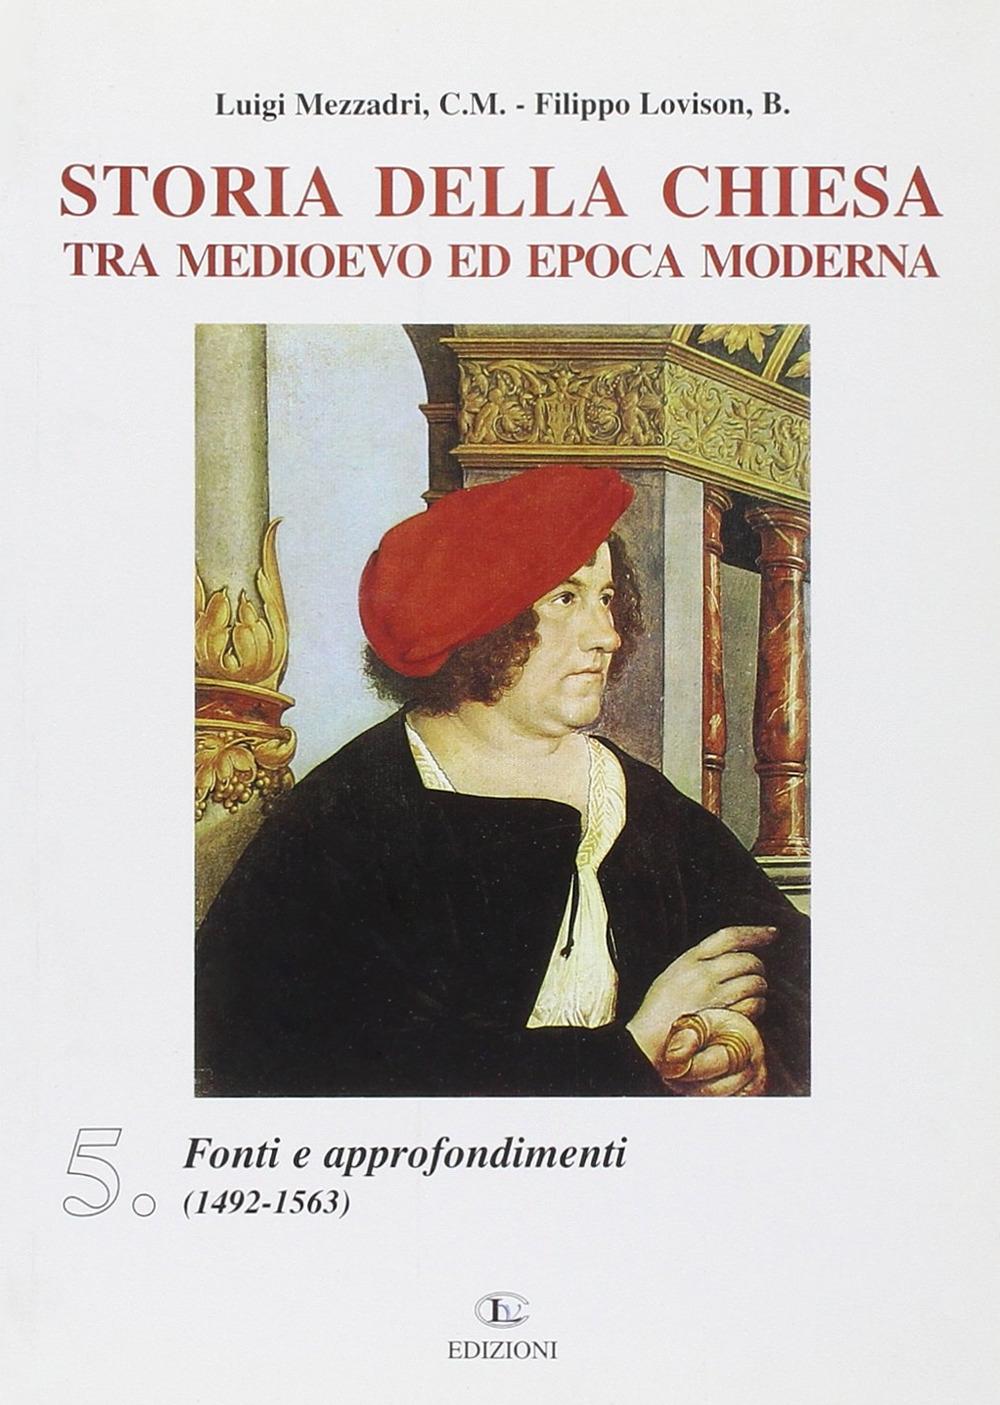 Storia della Chiesa tra Medioevo ed epoca moderna. Vol. 5: Fonti e approfondimenti (1492-1563)